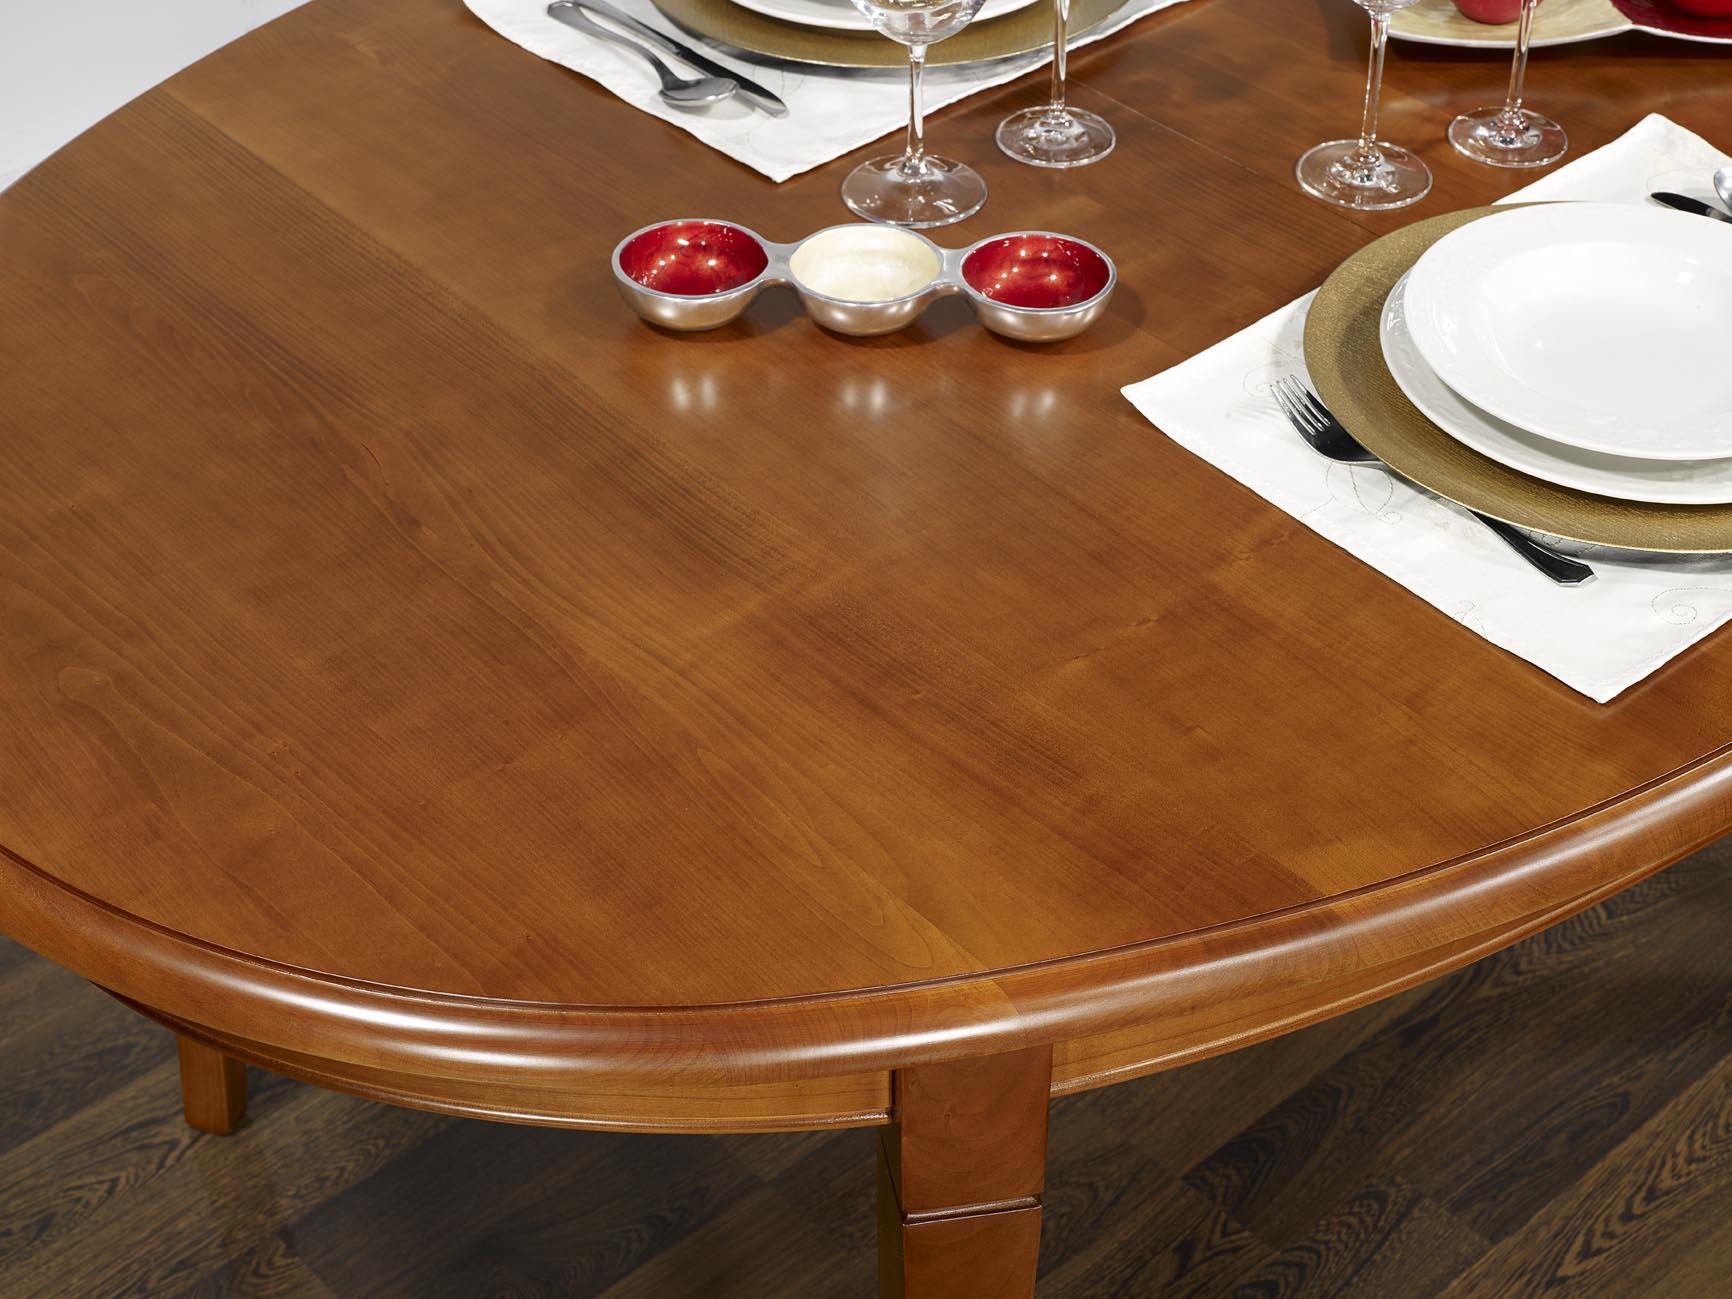 Table ovale de salle manger estelle en merisier massif for Table salle a manger noyer massif